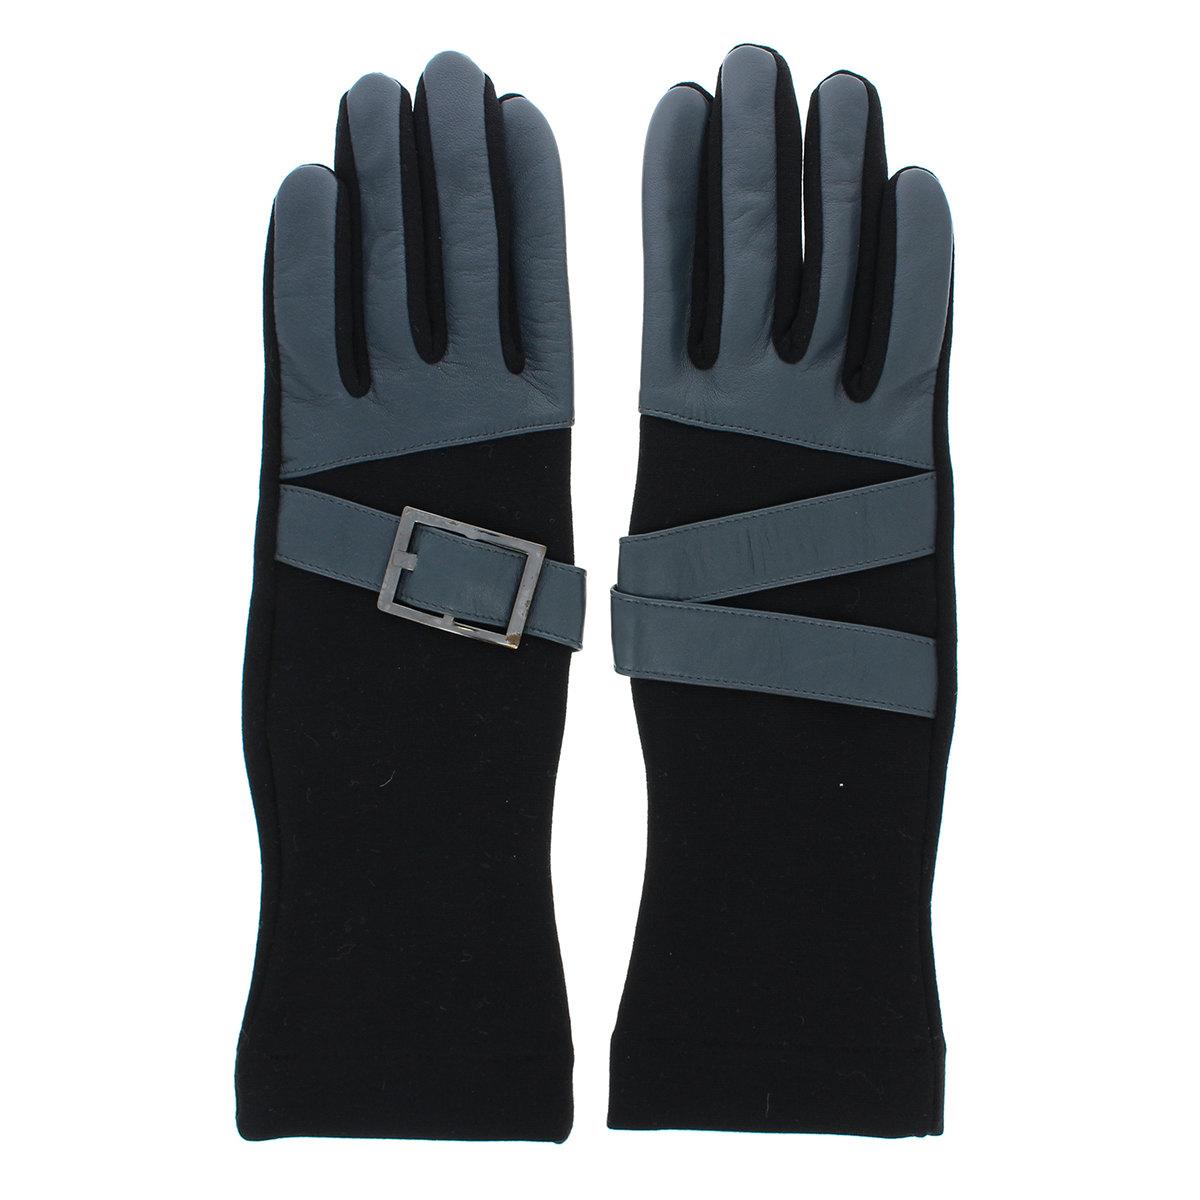 ジャージ 手袋 アシンメトリーデザイン 少し長め丈 ストレッチ素材 BIYUTE